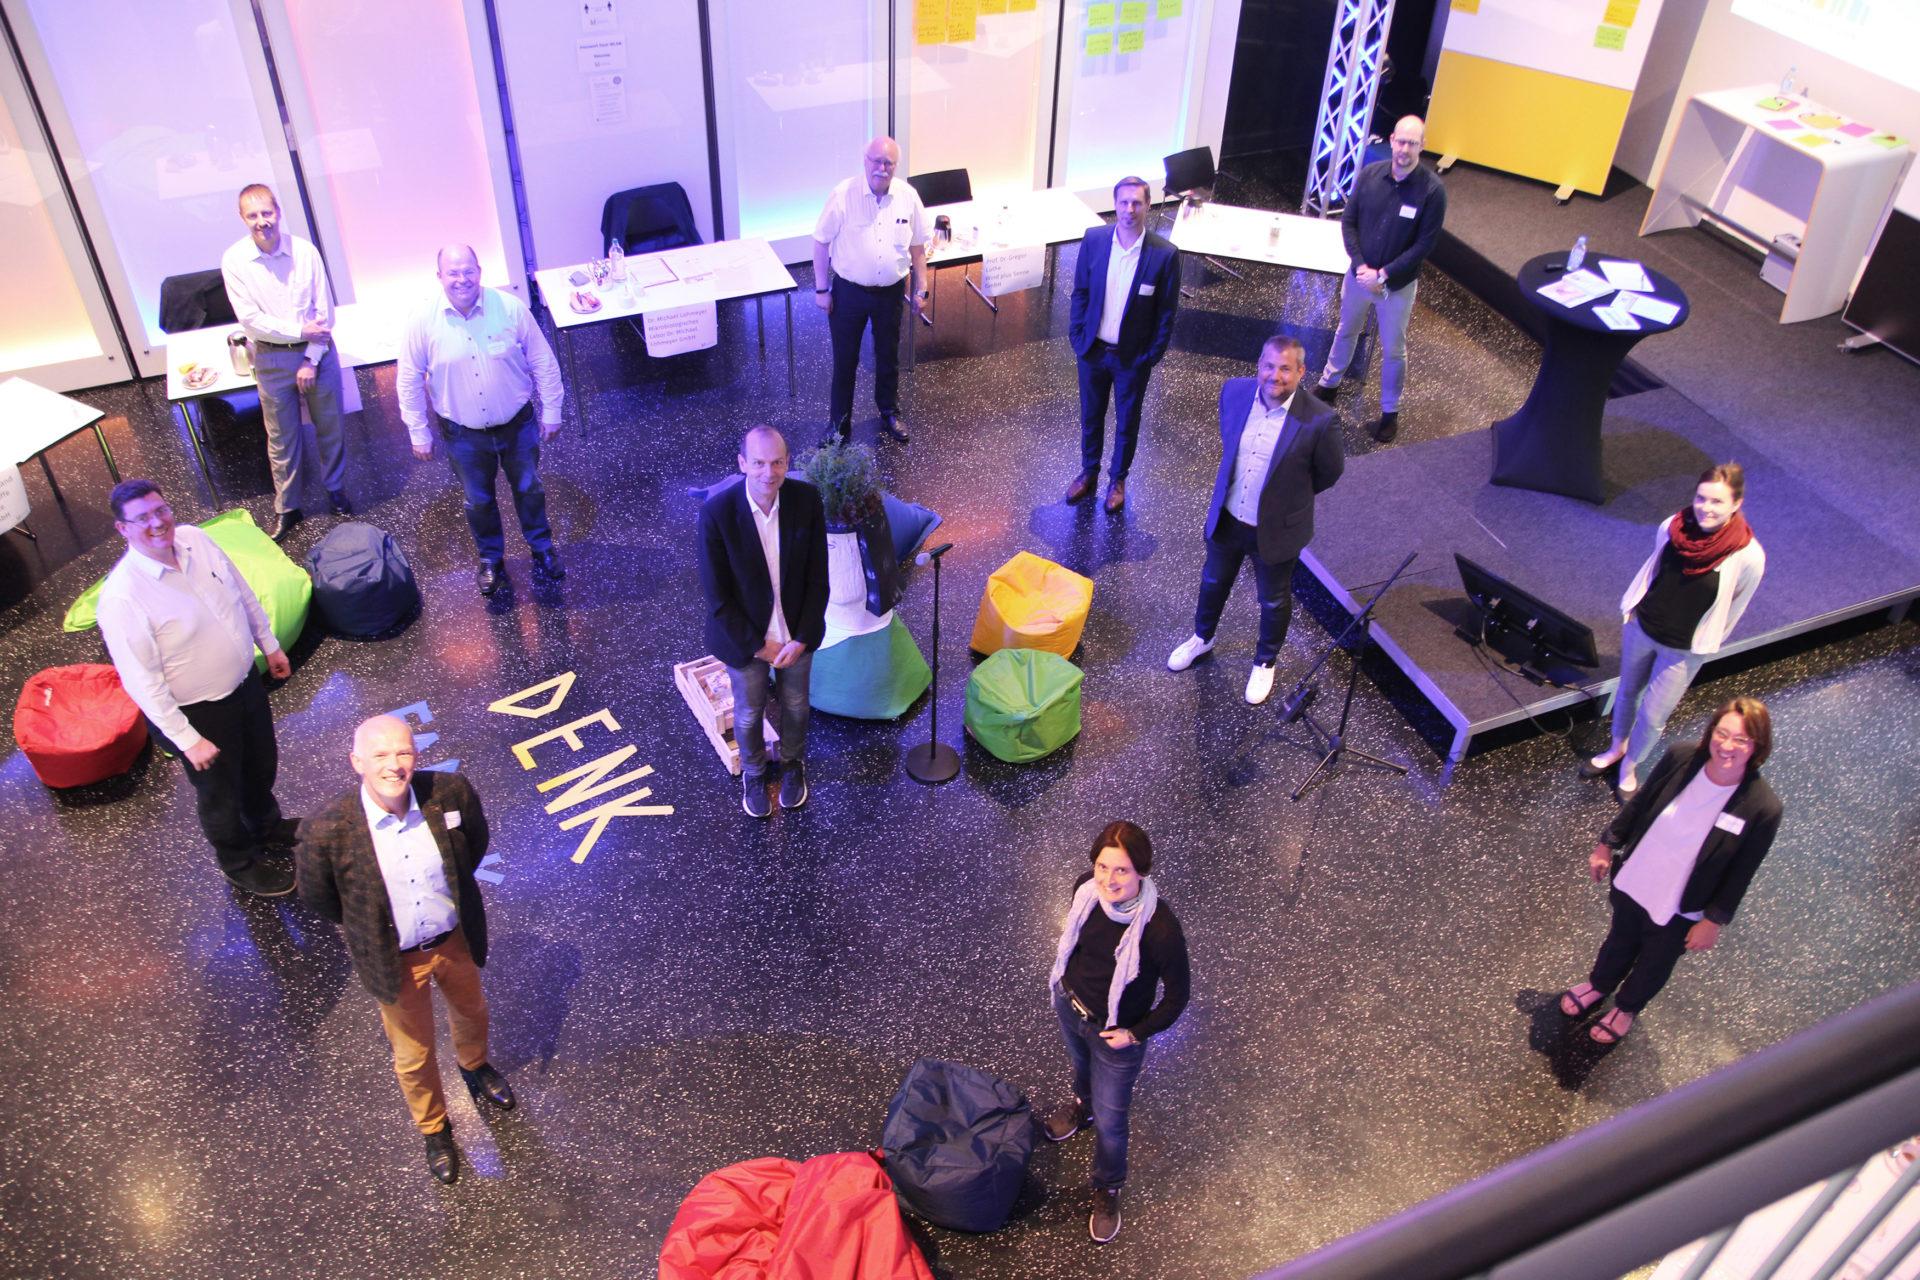 Fünf Coesfelder Unternehmen unterstützen Denkfabriken zur Innovationsförderung